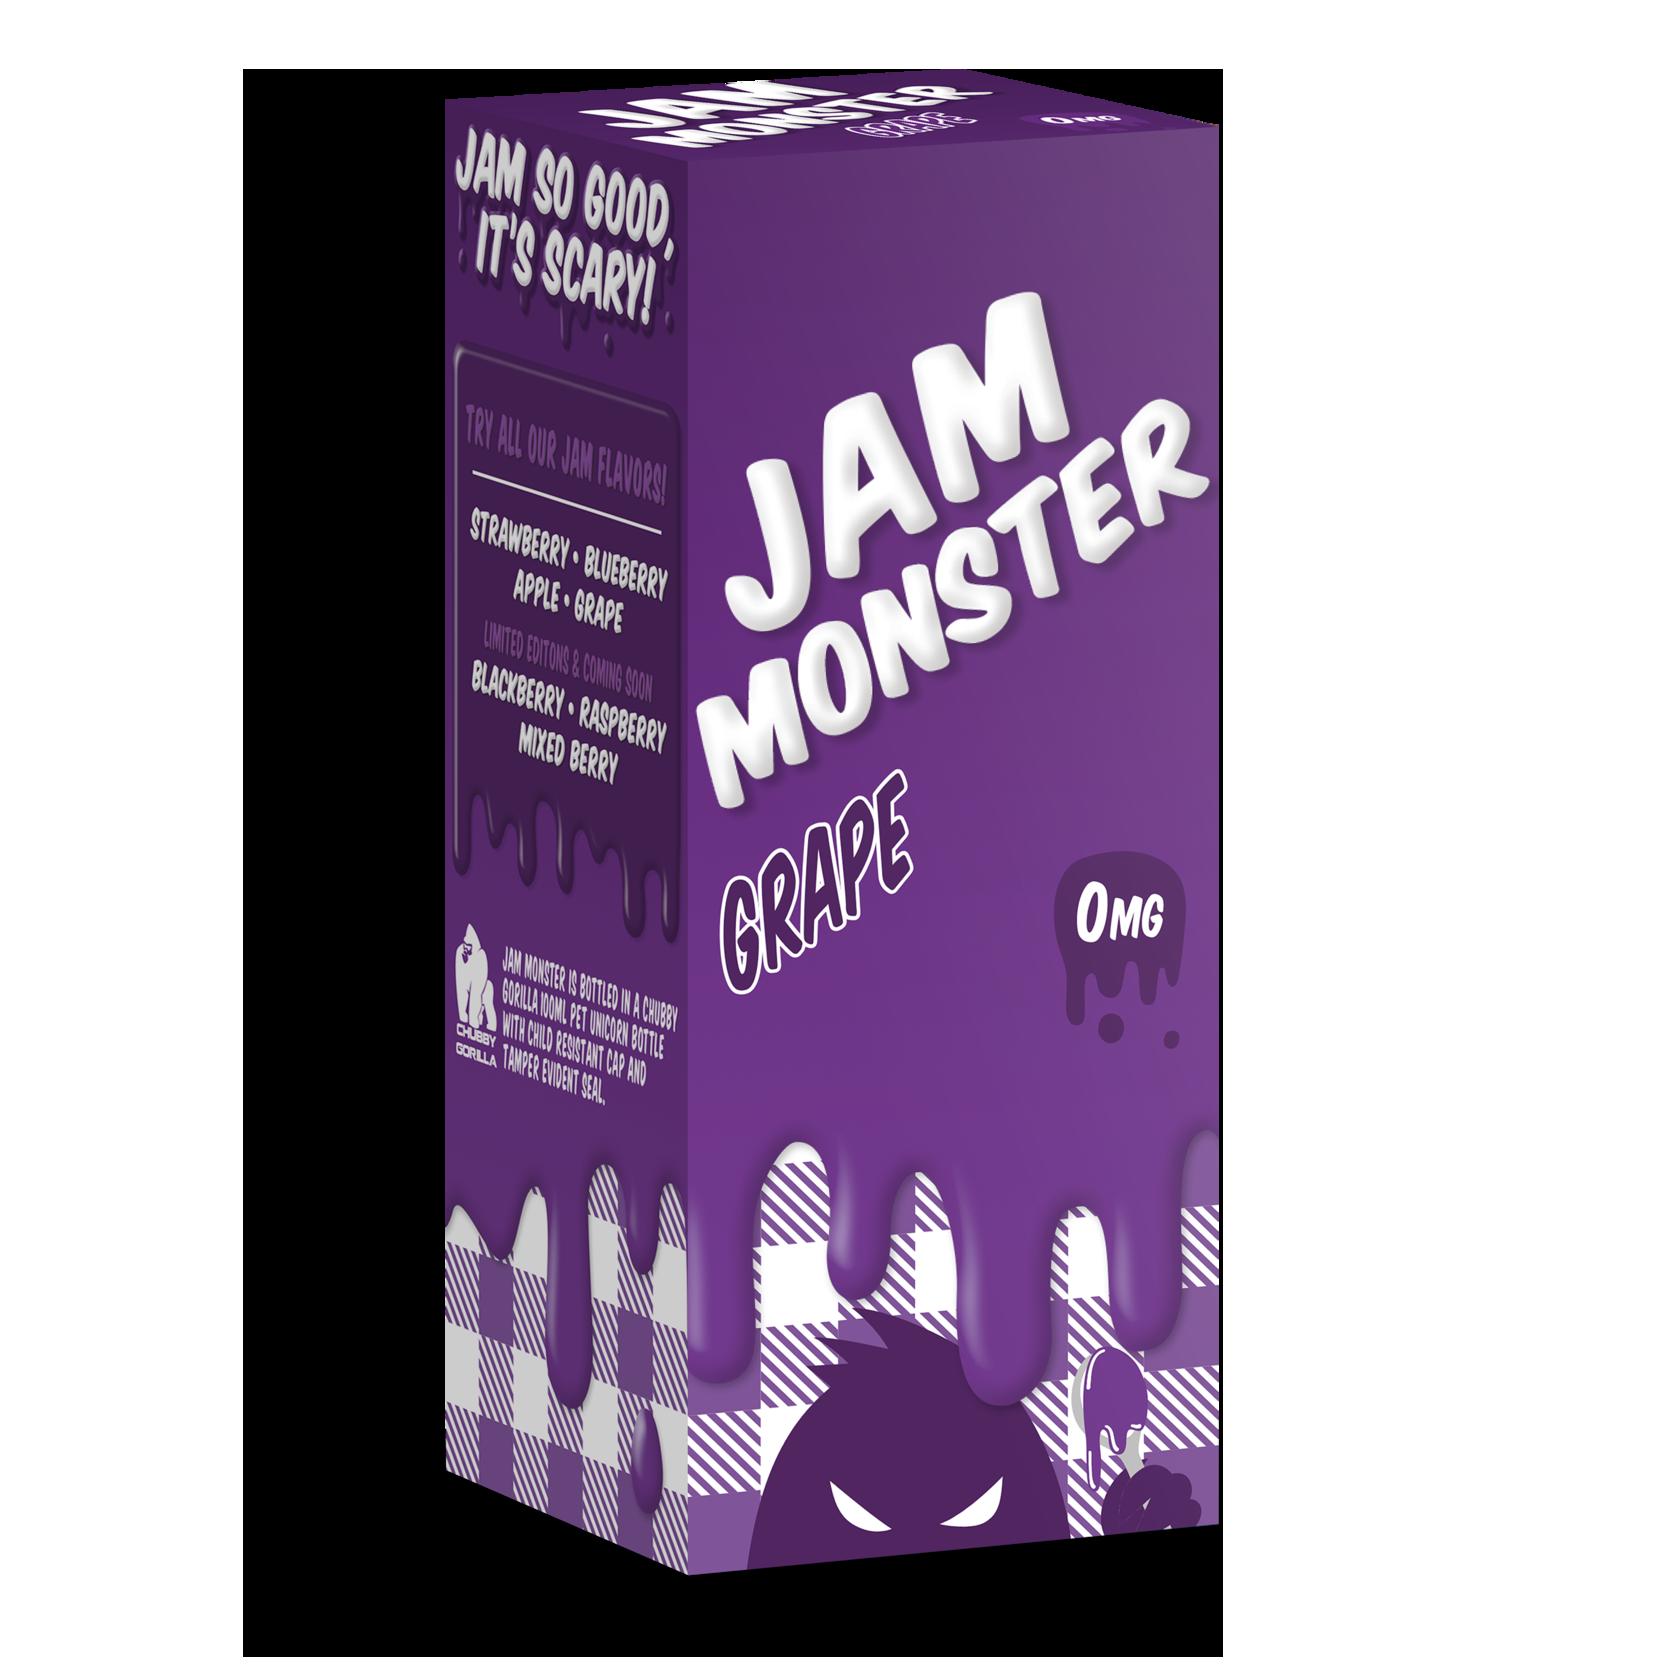 jam-monster-grape